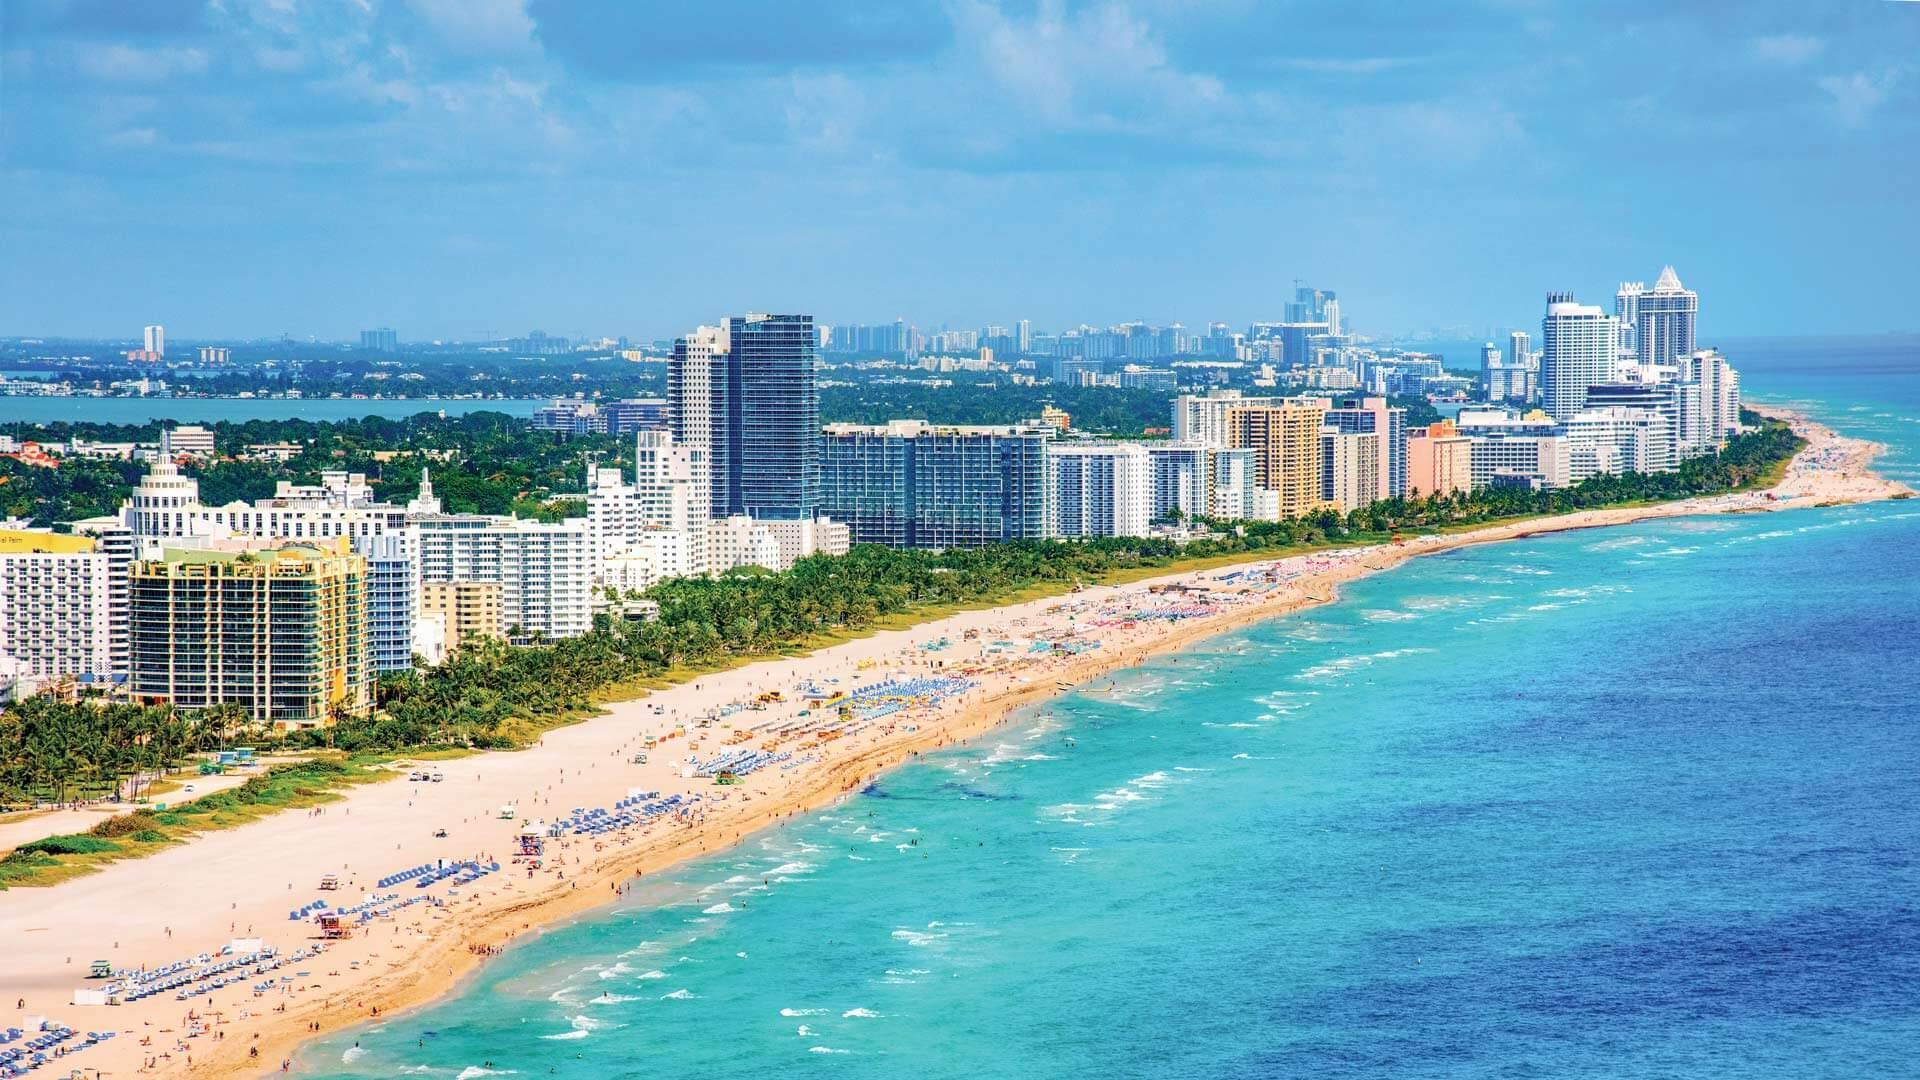 Croisière dans les Caraïbes au départ de Miami